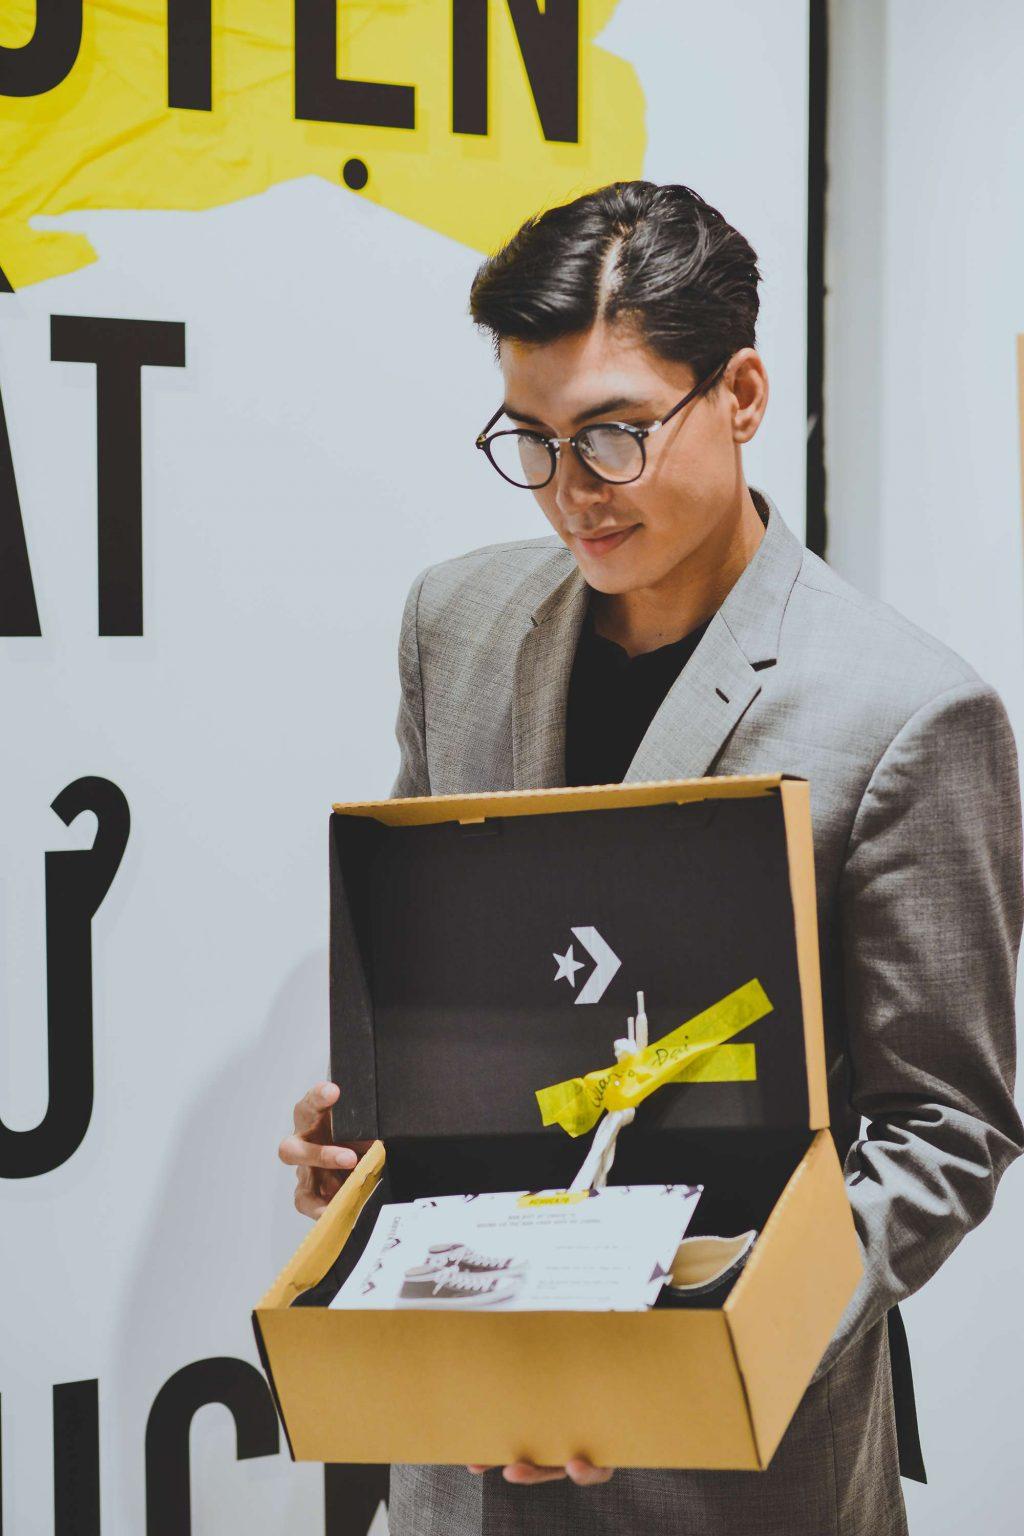 """Trần Quang Đại cùng Converse kể chuyện tại bữa tiệc Chuyện Thật Như """"Chucks"""" 6"""